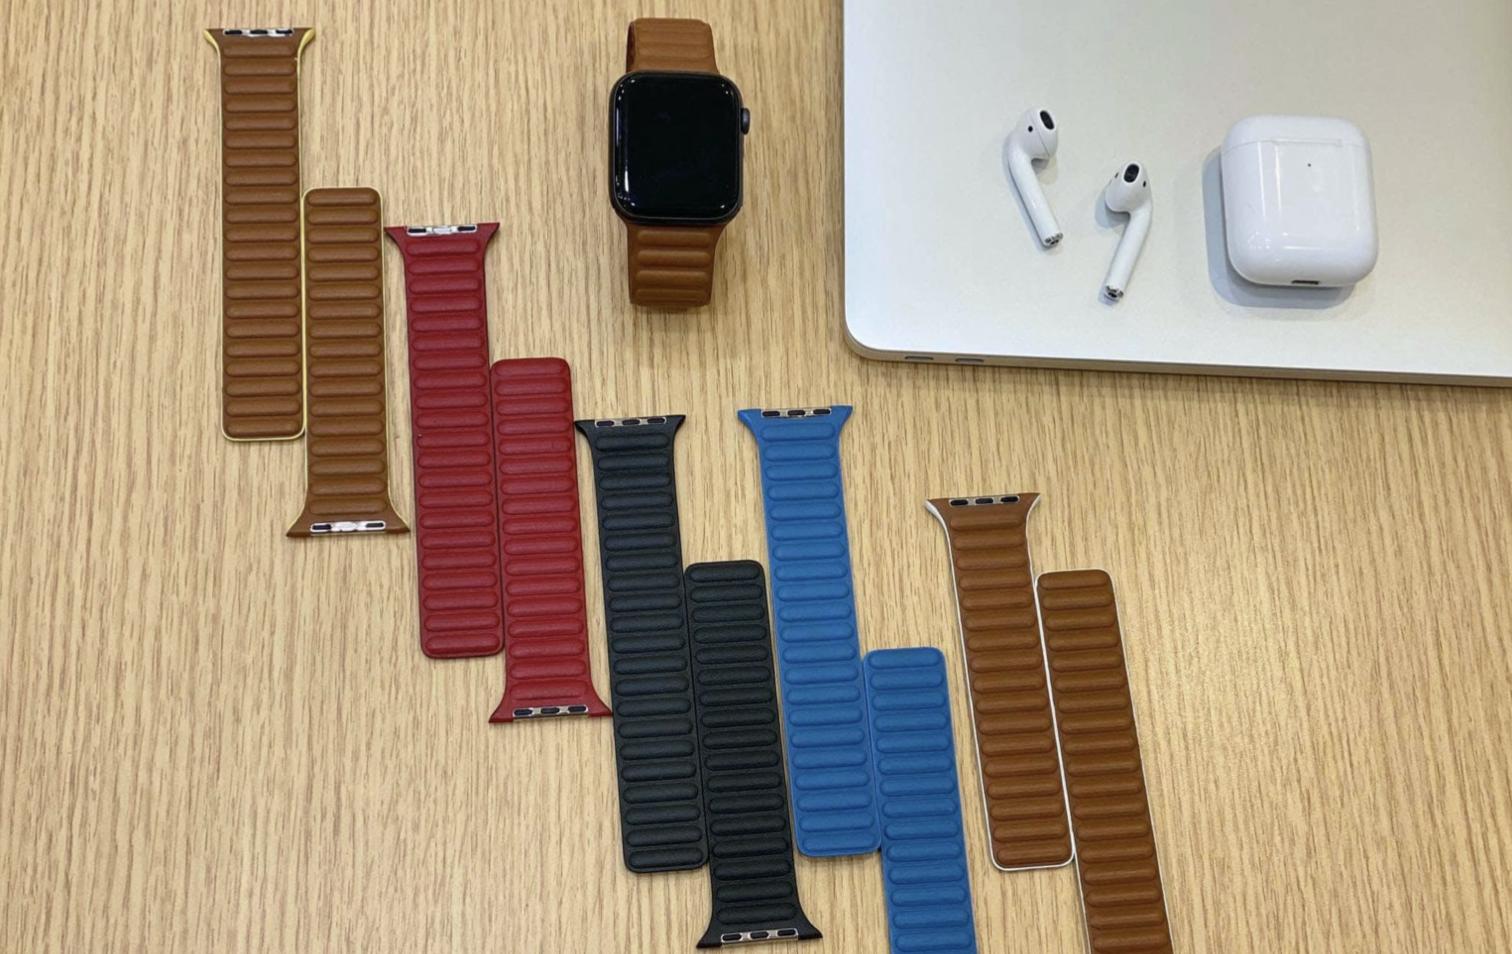 Újratervezett bőrszíjak érkezhetnek az Apple Watch-hoz